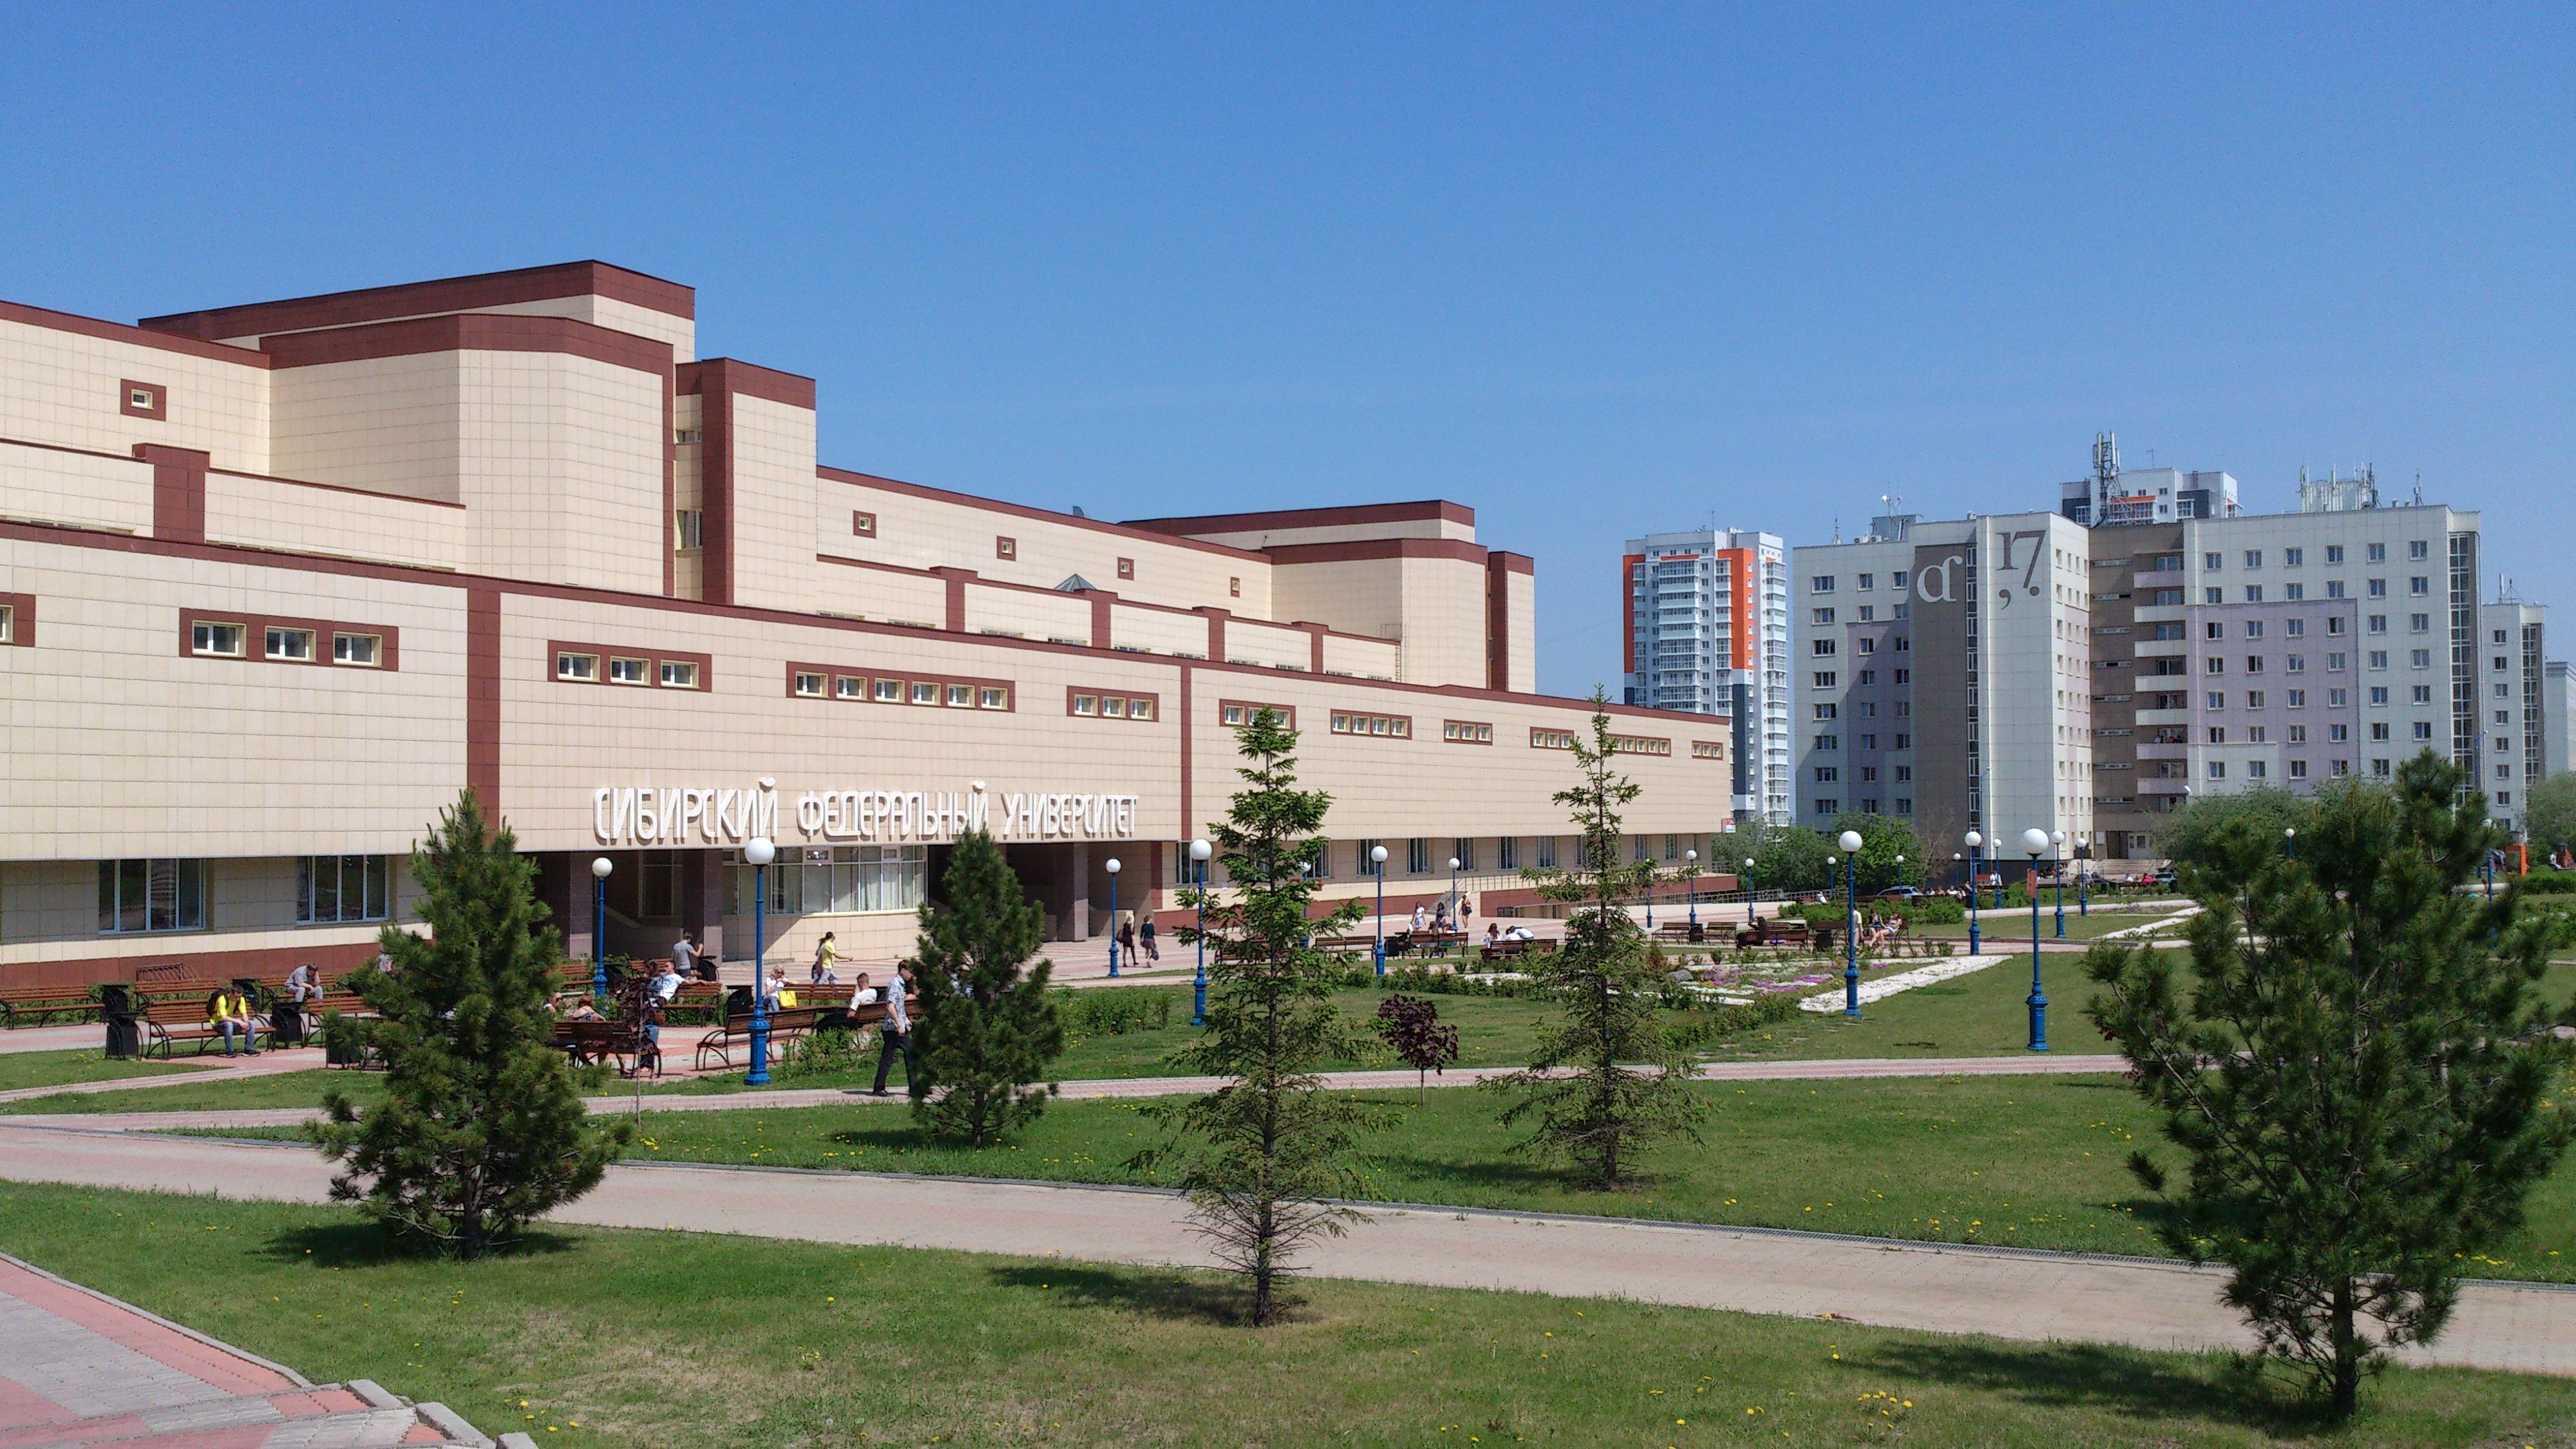 Сибирский федеральный университет - высшее учебное заведение, расположенное в Красноярске